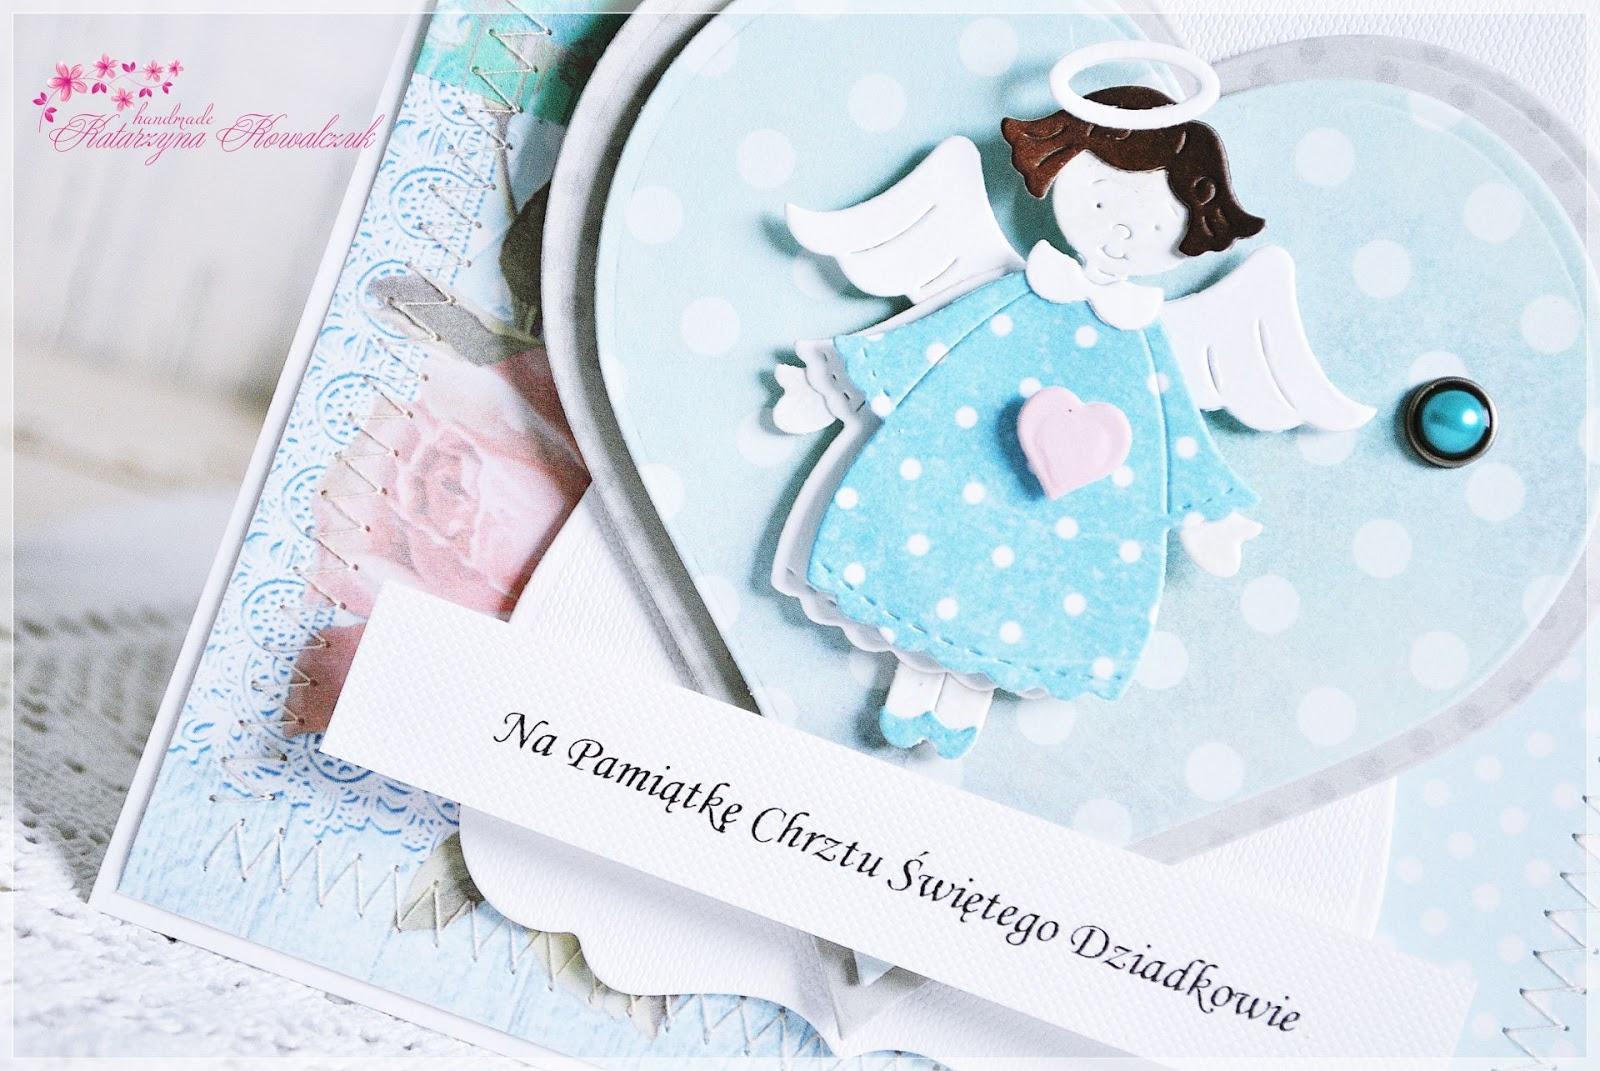 kartka z aniołkiem z okazji chrztu świętego scrapbooking